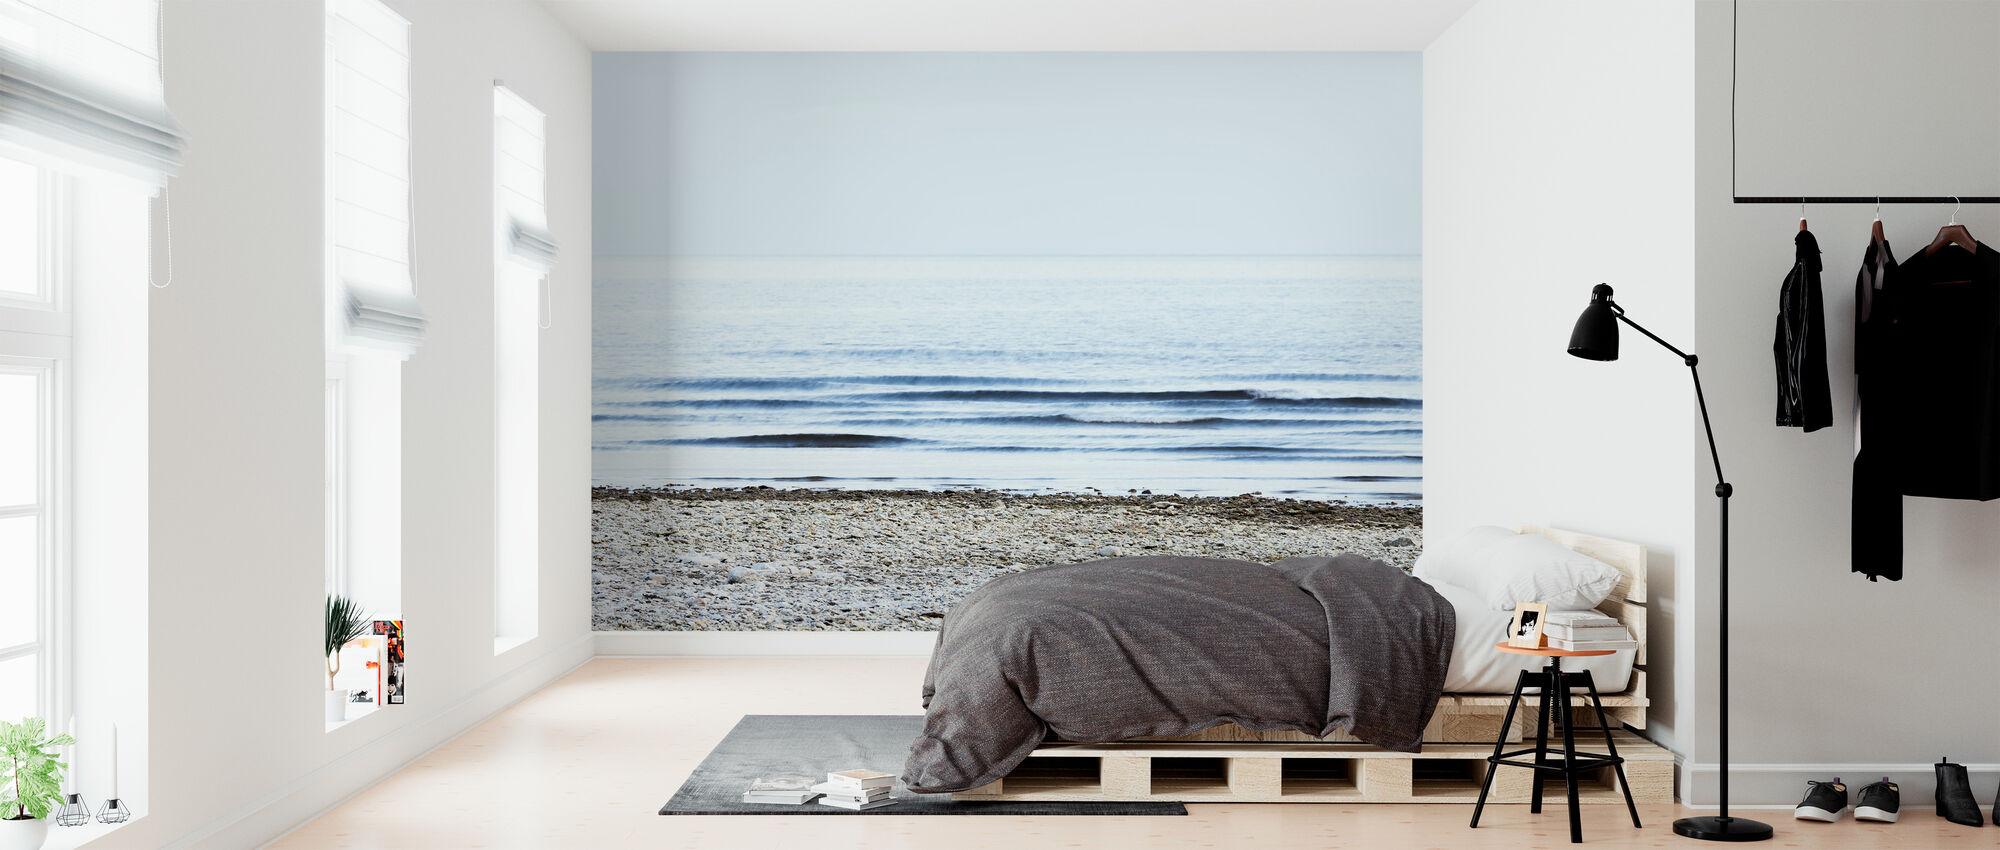 Beach - Wallpaper - Bedroom